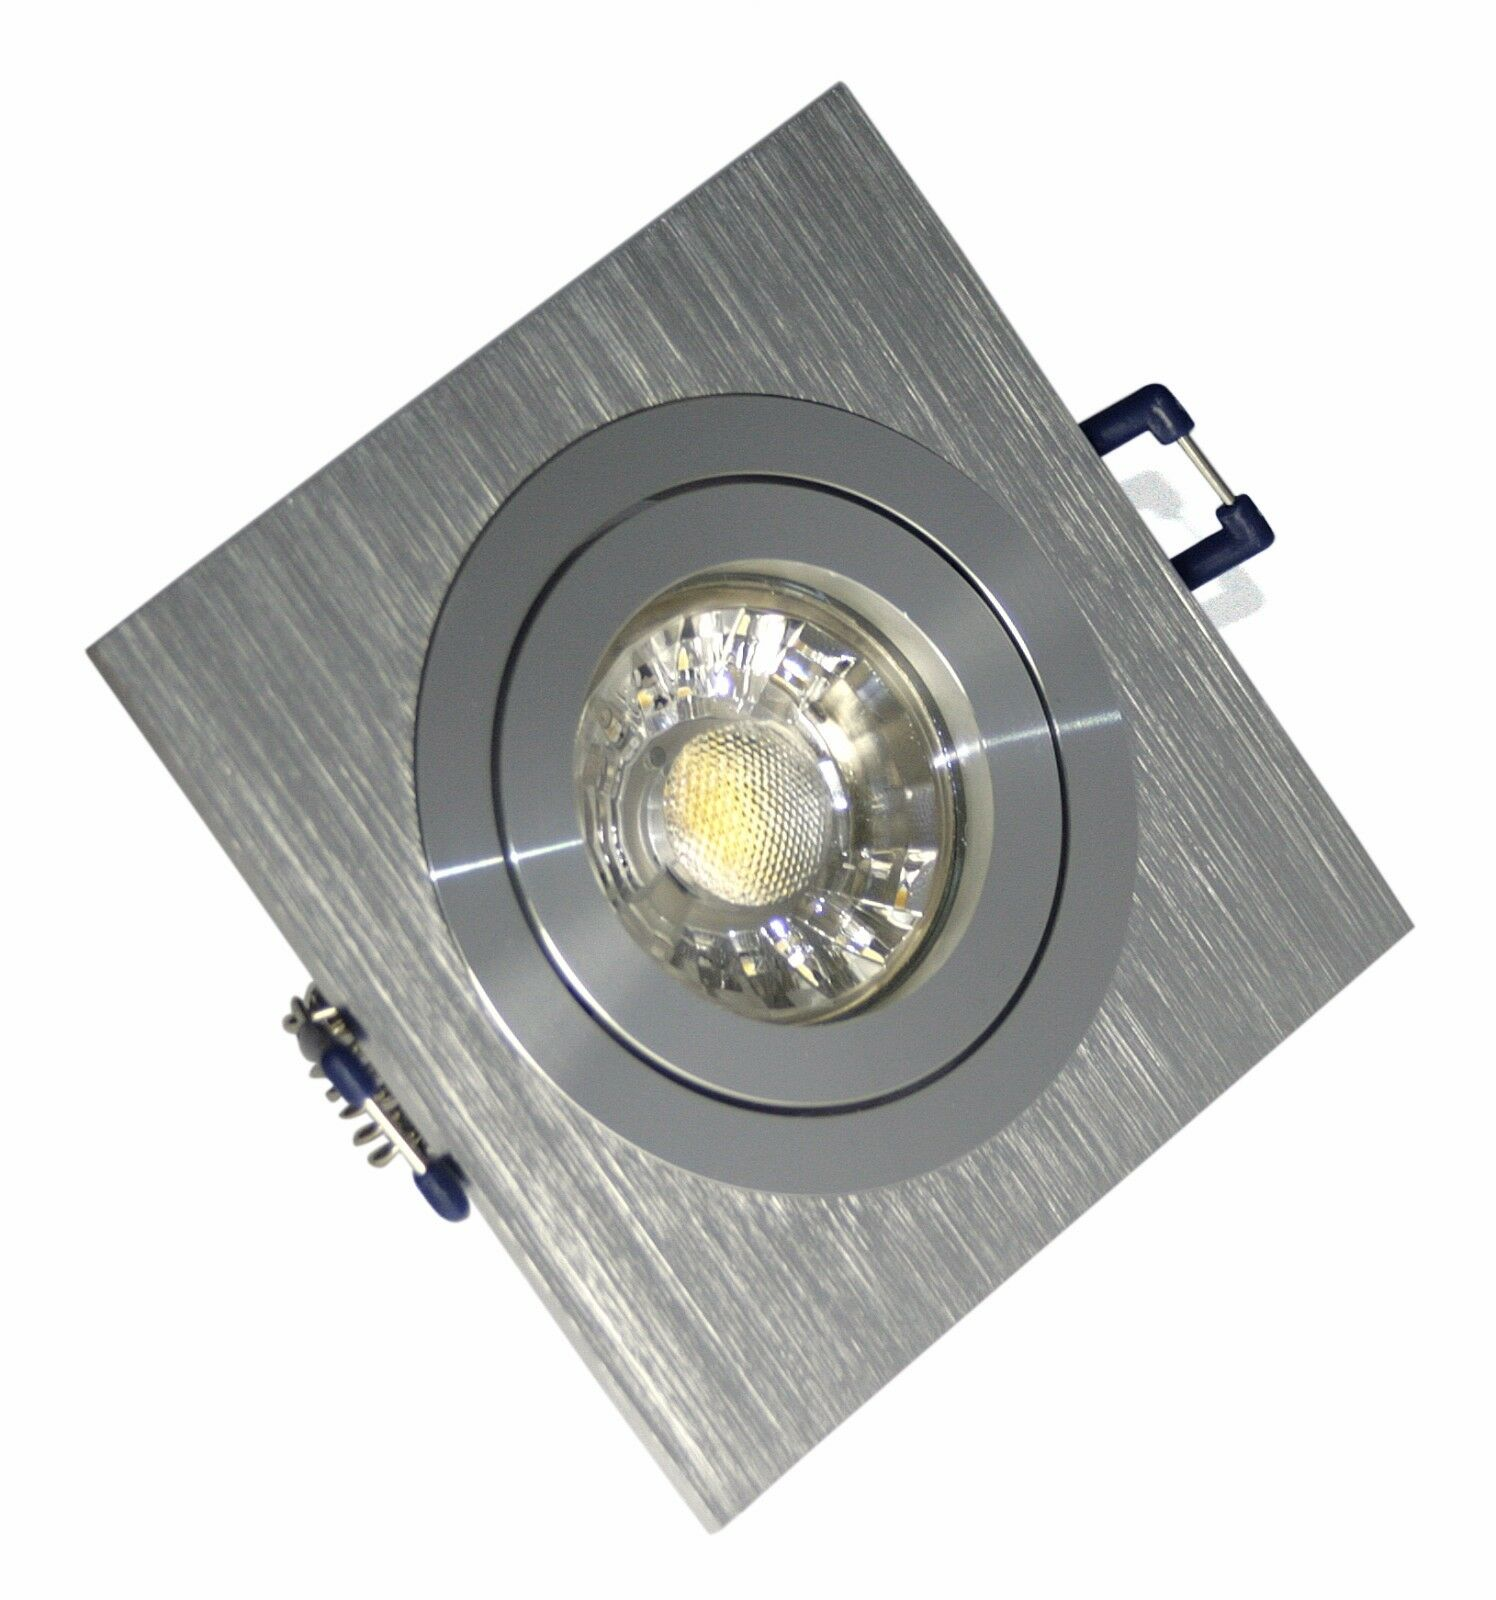 KAMILUX® Einbaustrahler L1 Sets 7Watt schwenkbar 230Volt warmweiss 530Lumen Spot